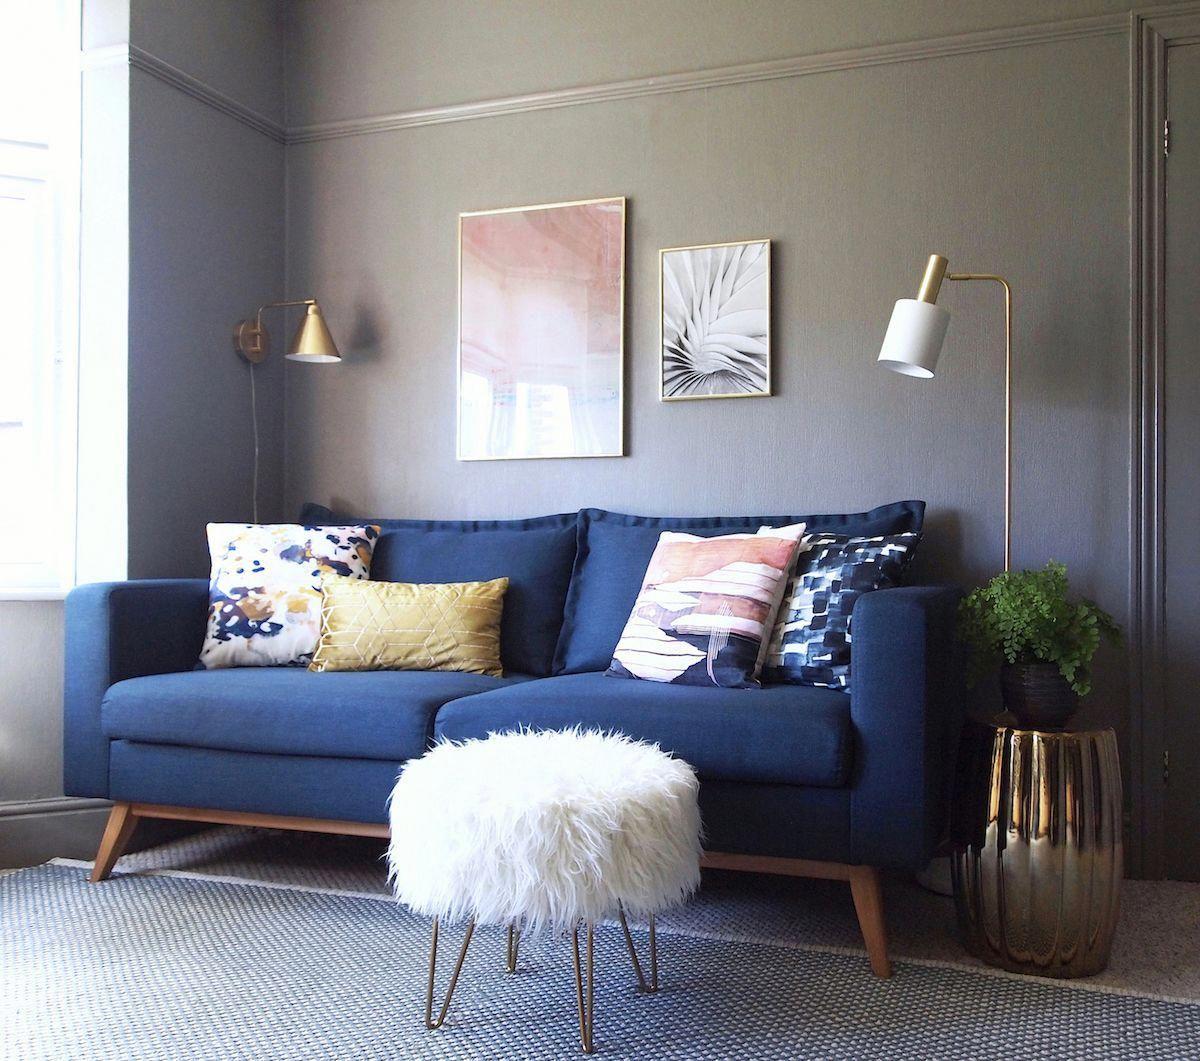 Home Decorations For Halloween Homedecorationmaterial Blue Living Room Decor Blue Sofas Living Room Blue Sofa Living